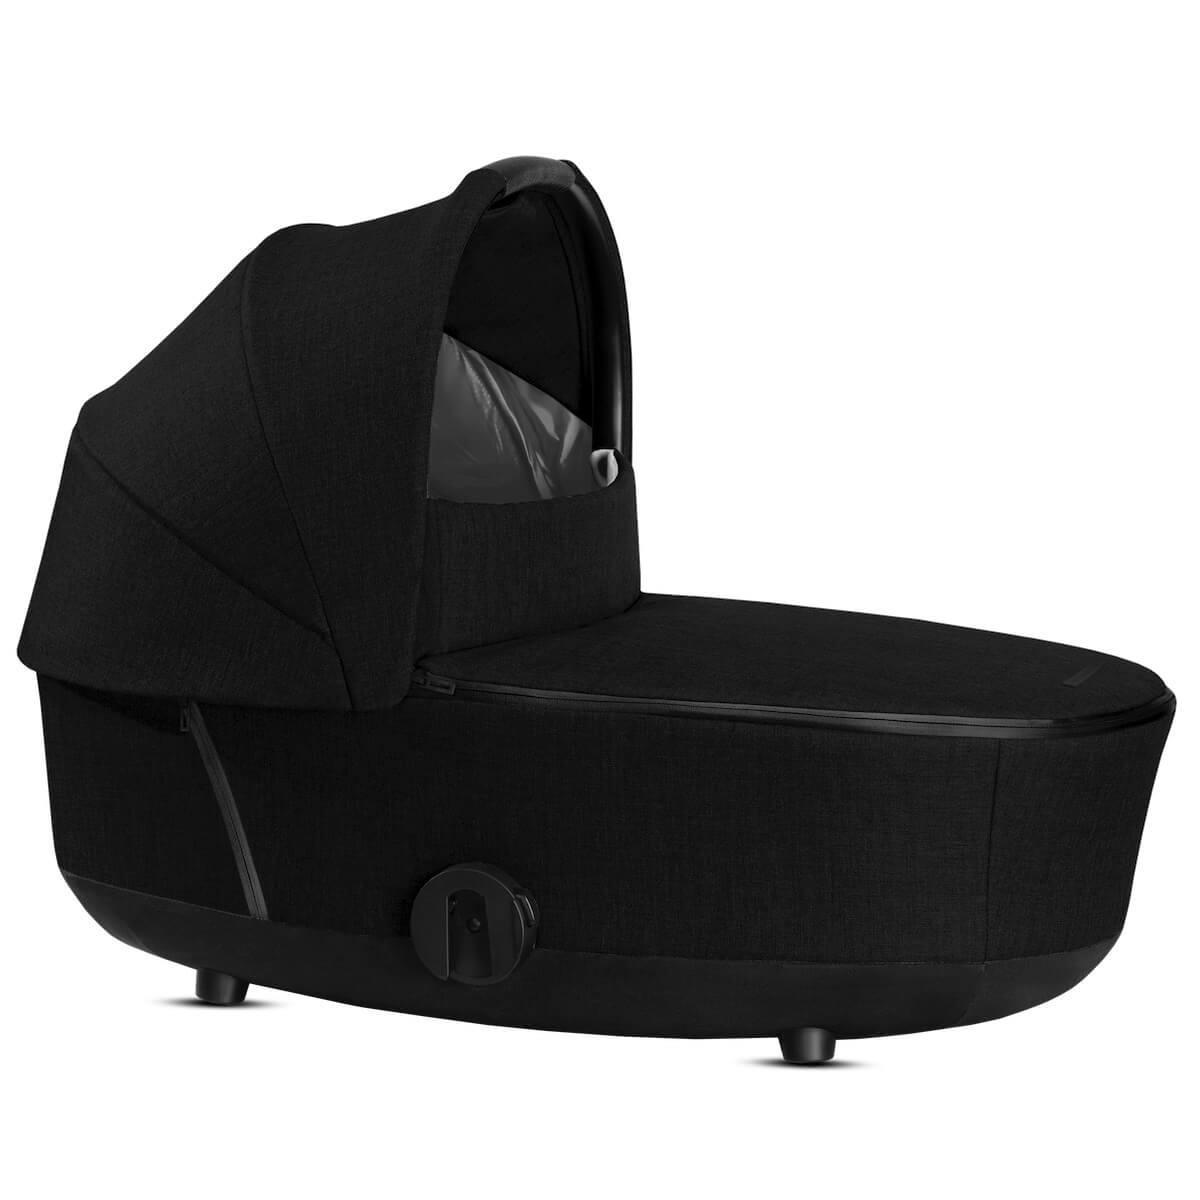 Nacelle de luxe MIOS Cybex Plus Stardust Black Plus-black